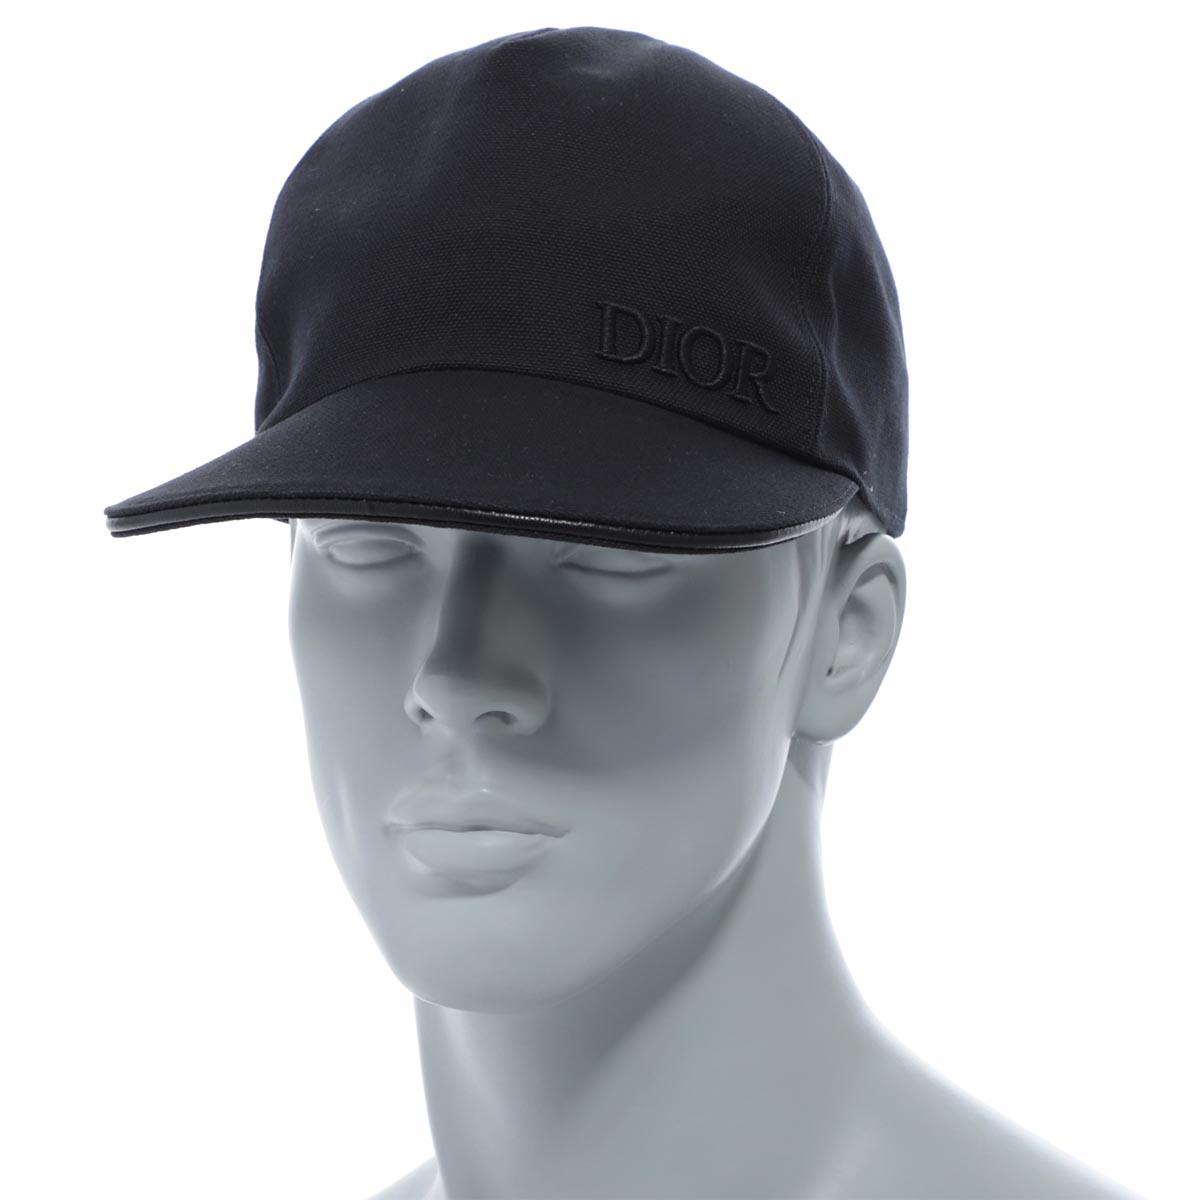 【アウトレット】ディオール DIOR キャップ ブラック メンズ 帽子 933c902d 4511 900 CASQUETTE【あす楽対応_関東】【返品送料無料】【ラッピング無料】